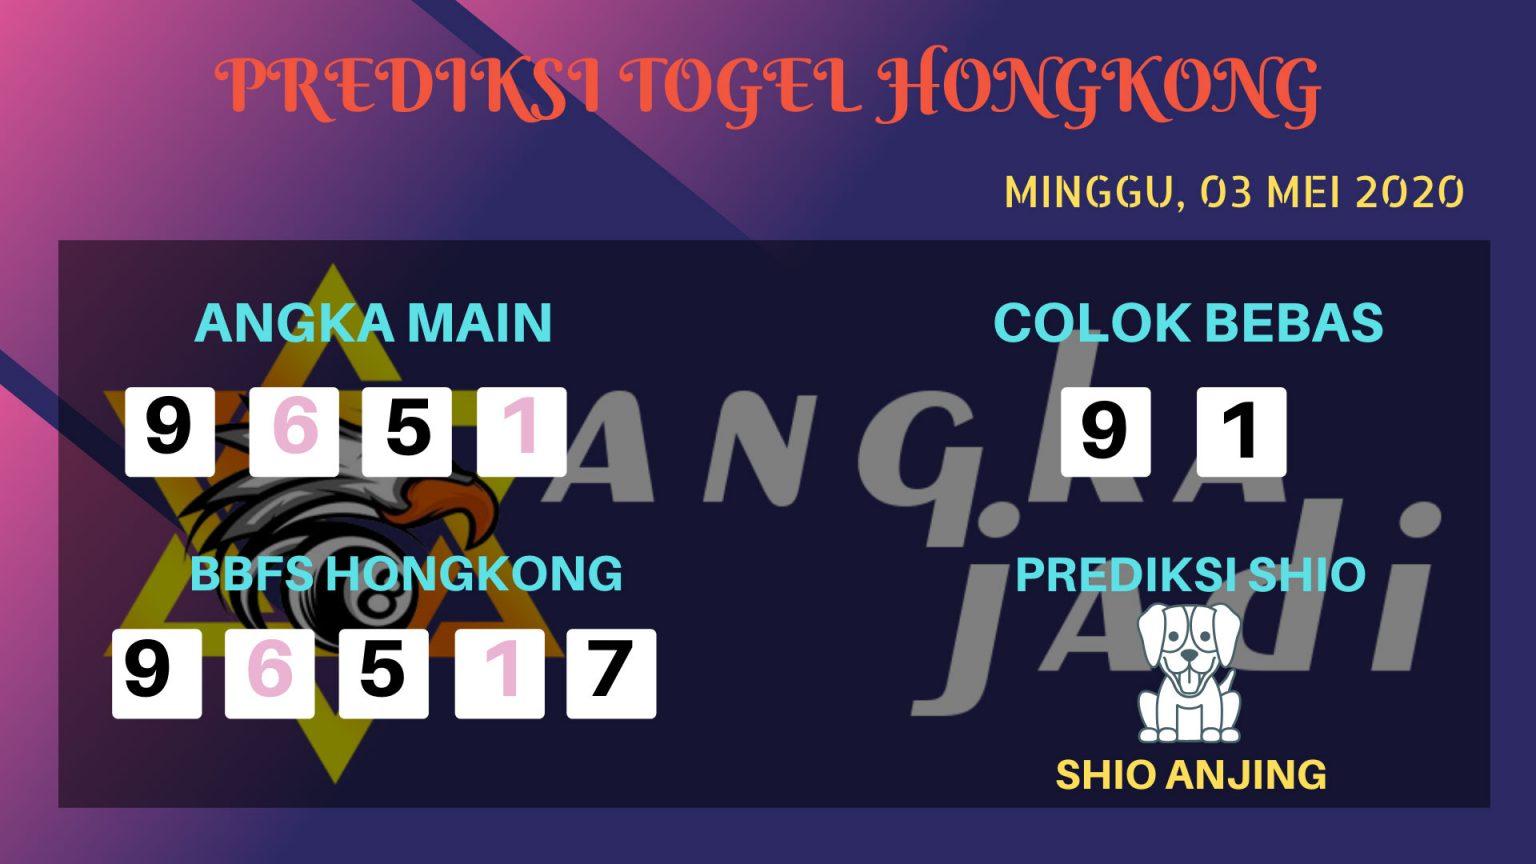 Prediksi Togel Hongkong 03 Mei 2020 - Prediksi Angka Jadi HK